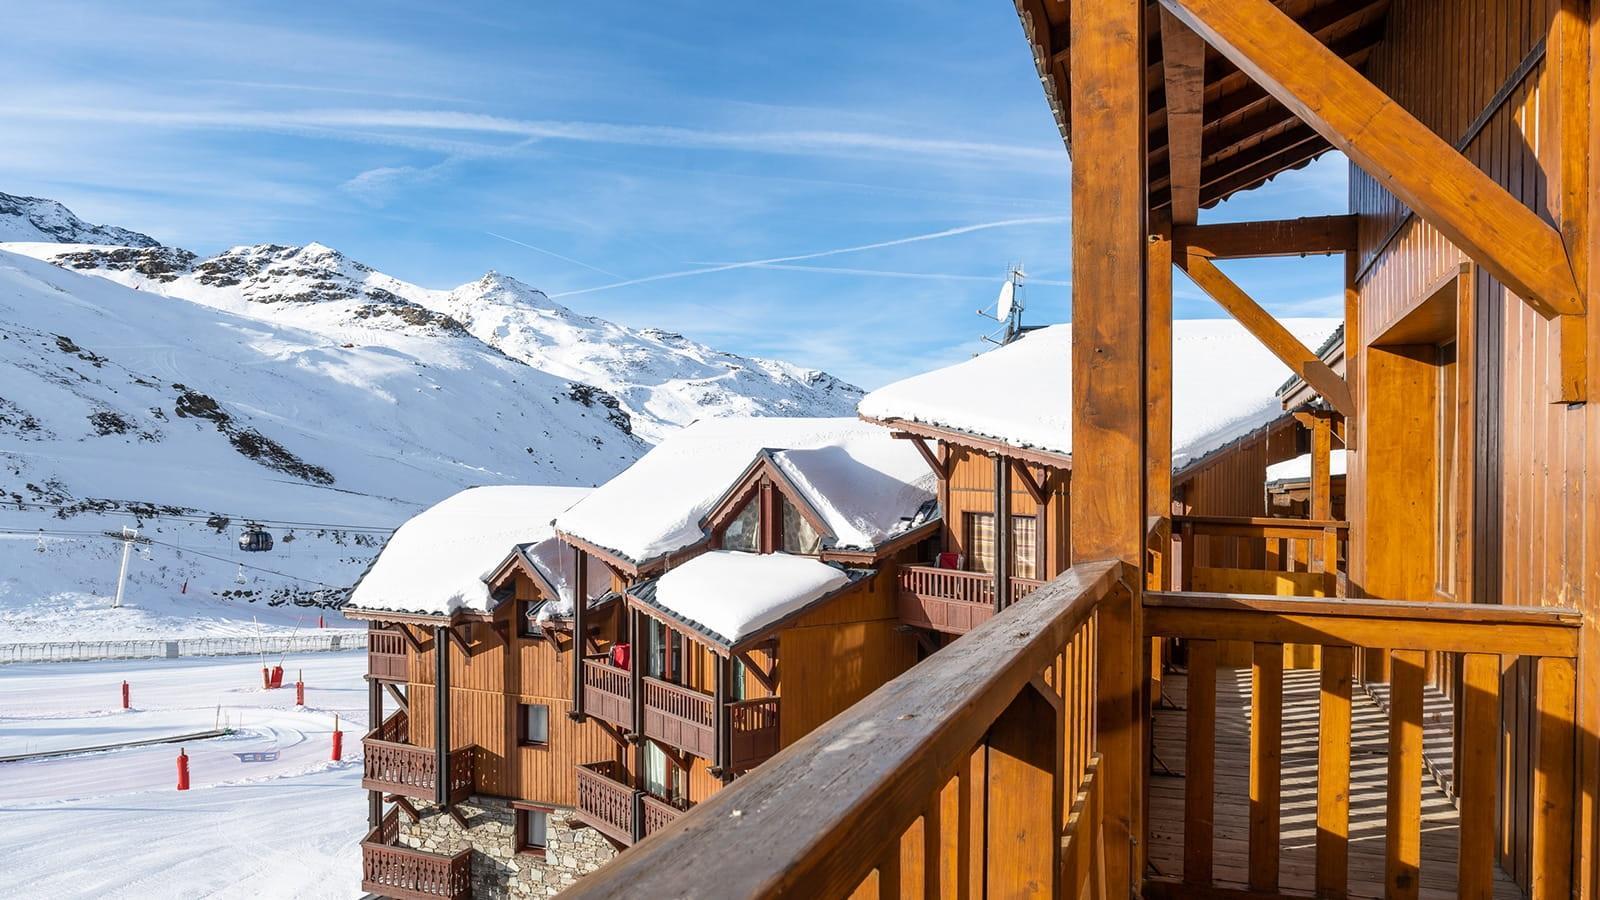 chalets-montagnettes-savoie-alpes-snow-ski-seminires-de-caractere-2